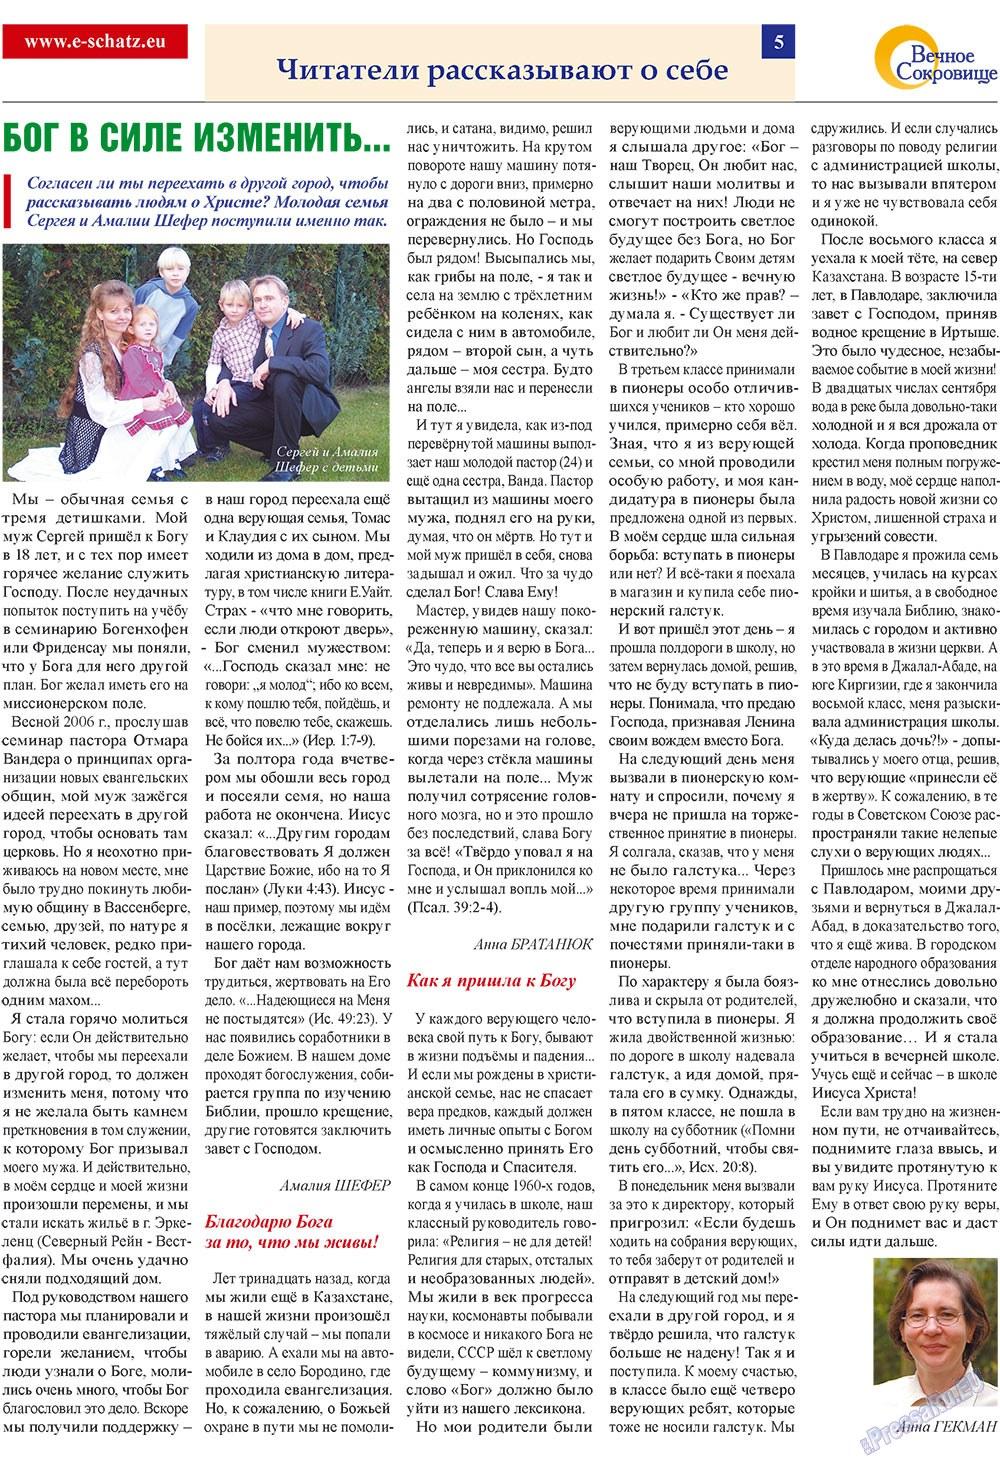 Вечное сокровище (газета). 2009 год, номер 2, стр. 5